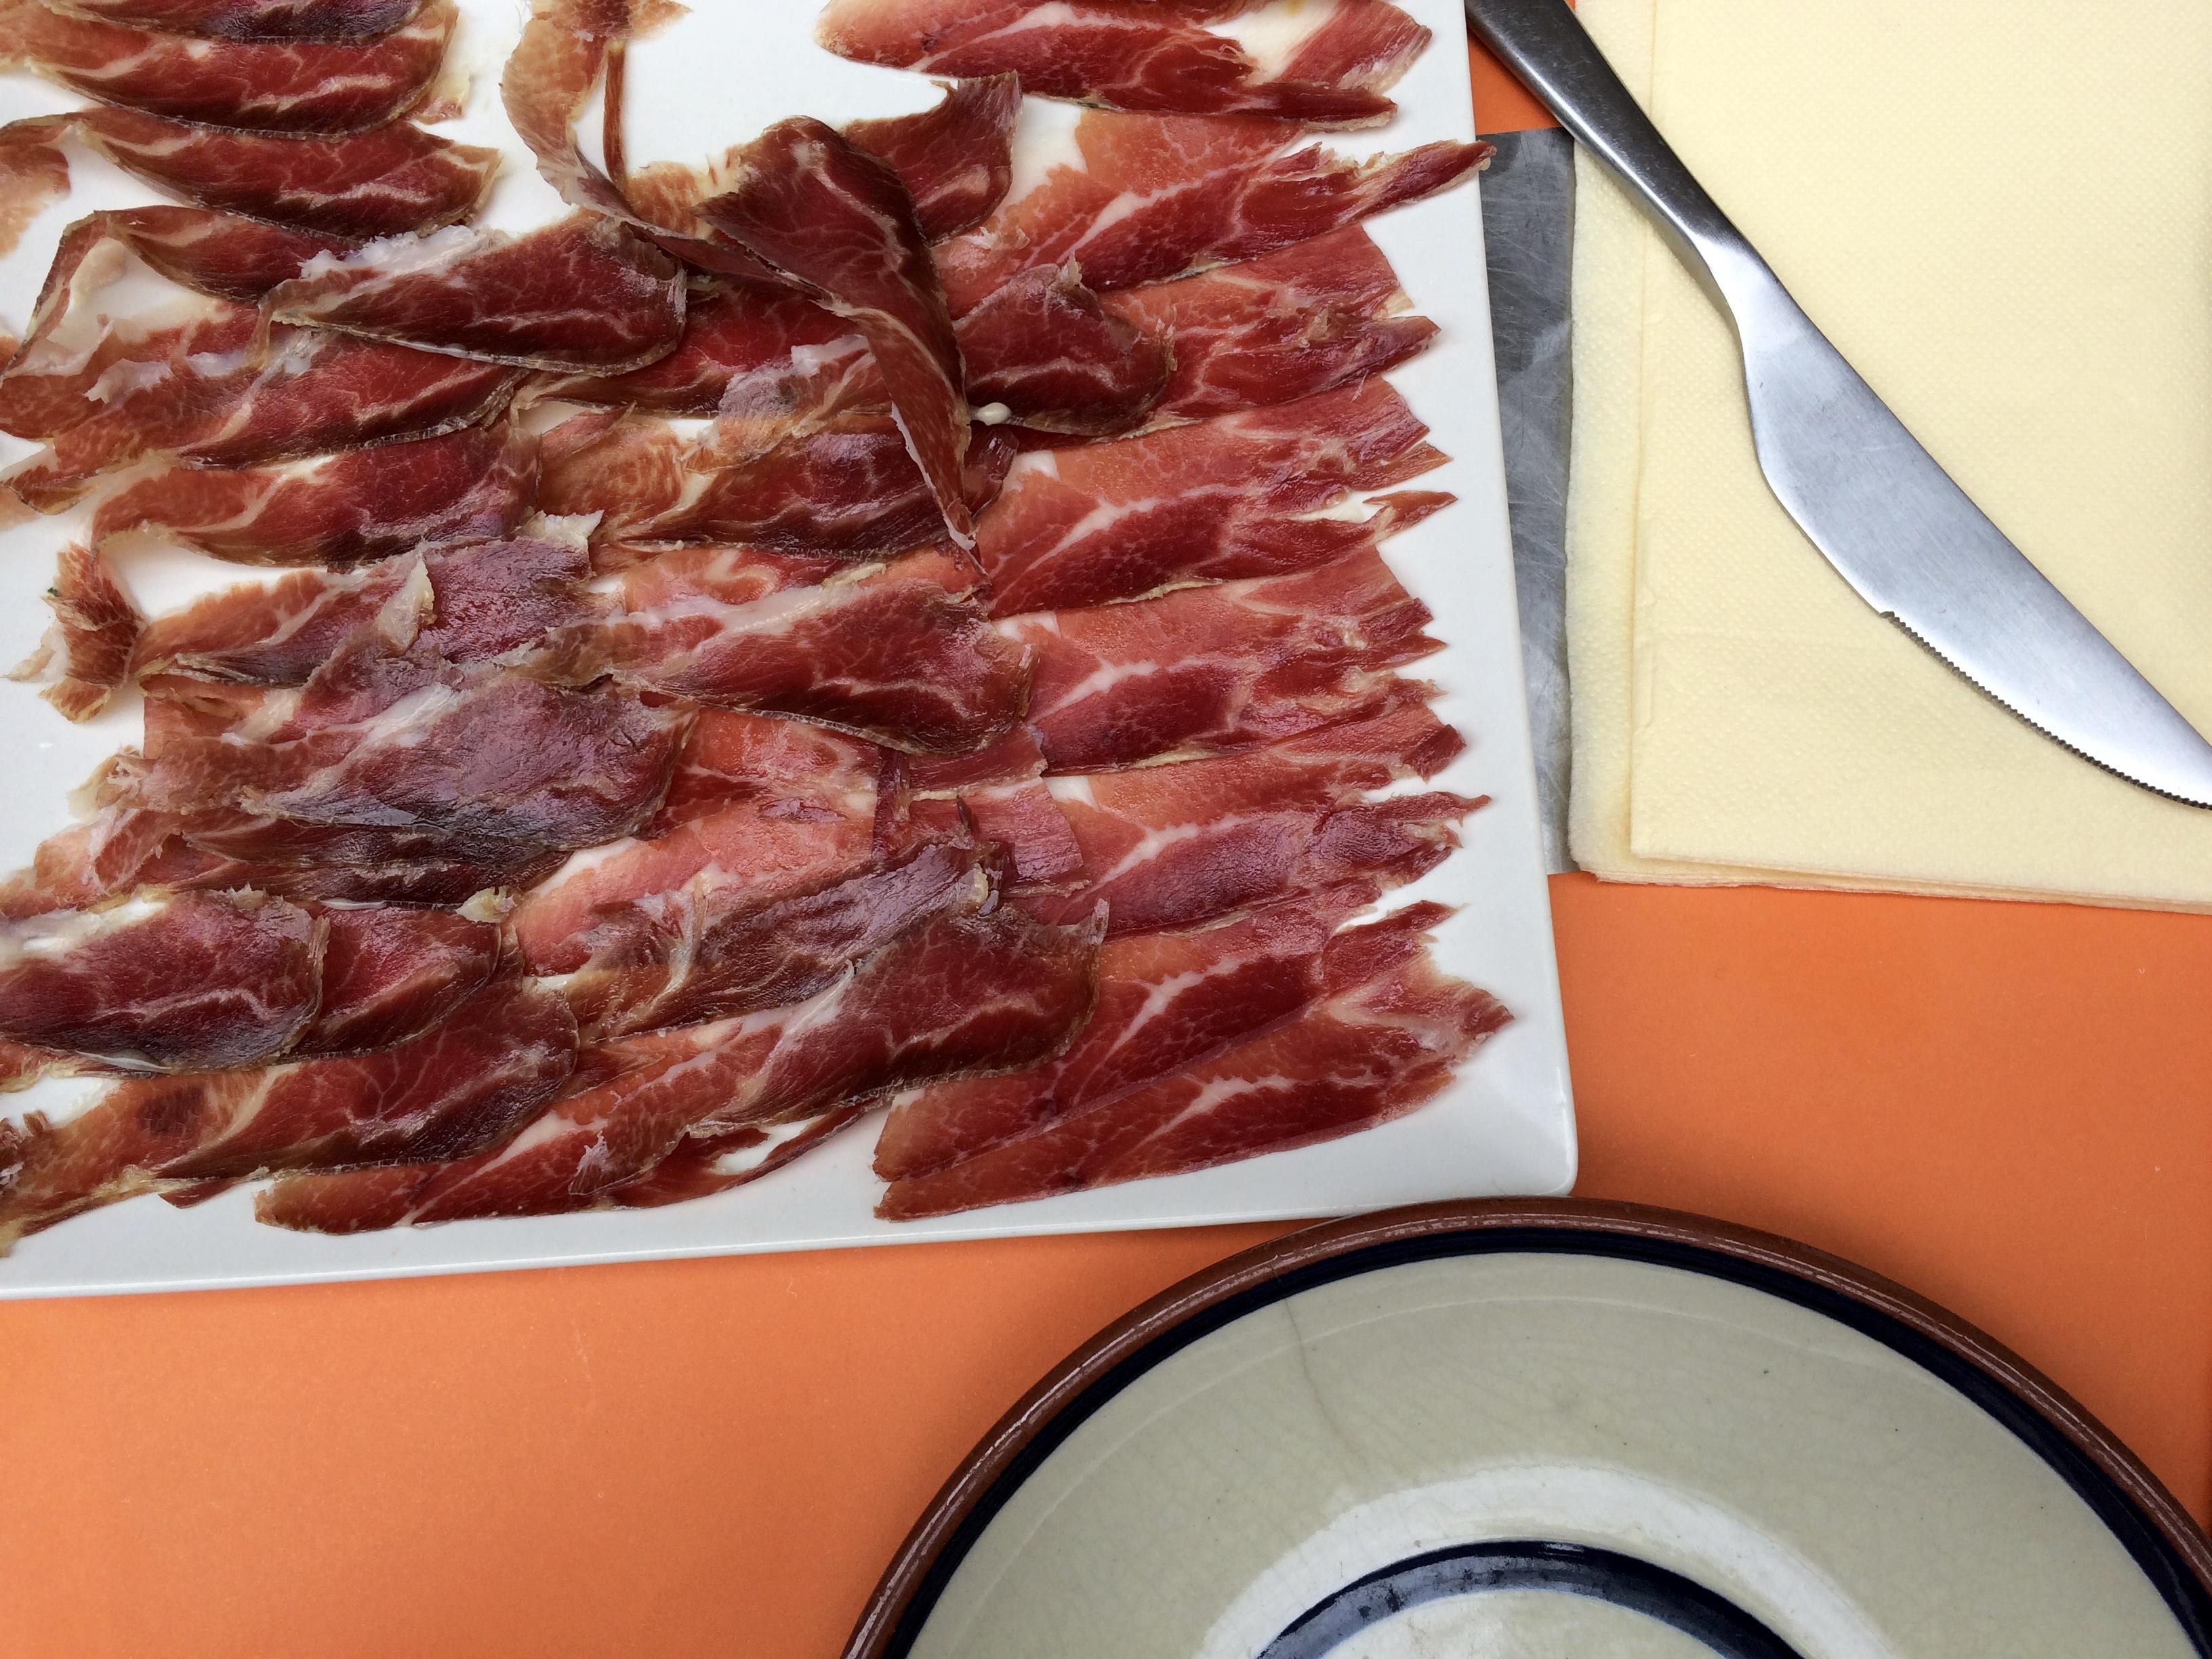 Barcelona Iberico ham food